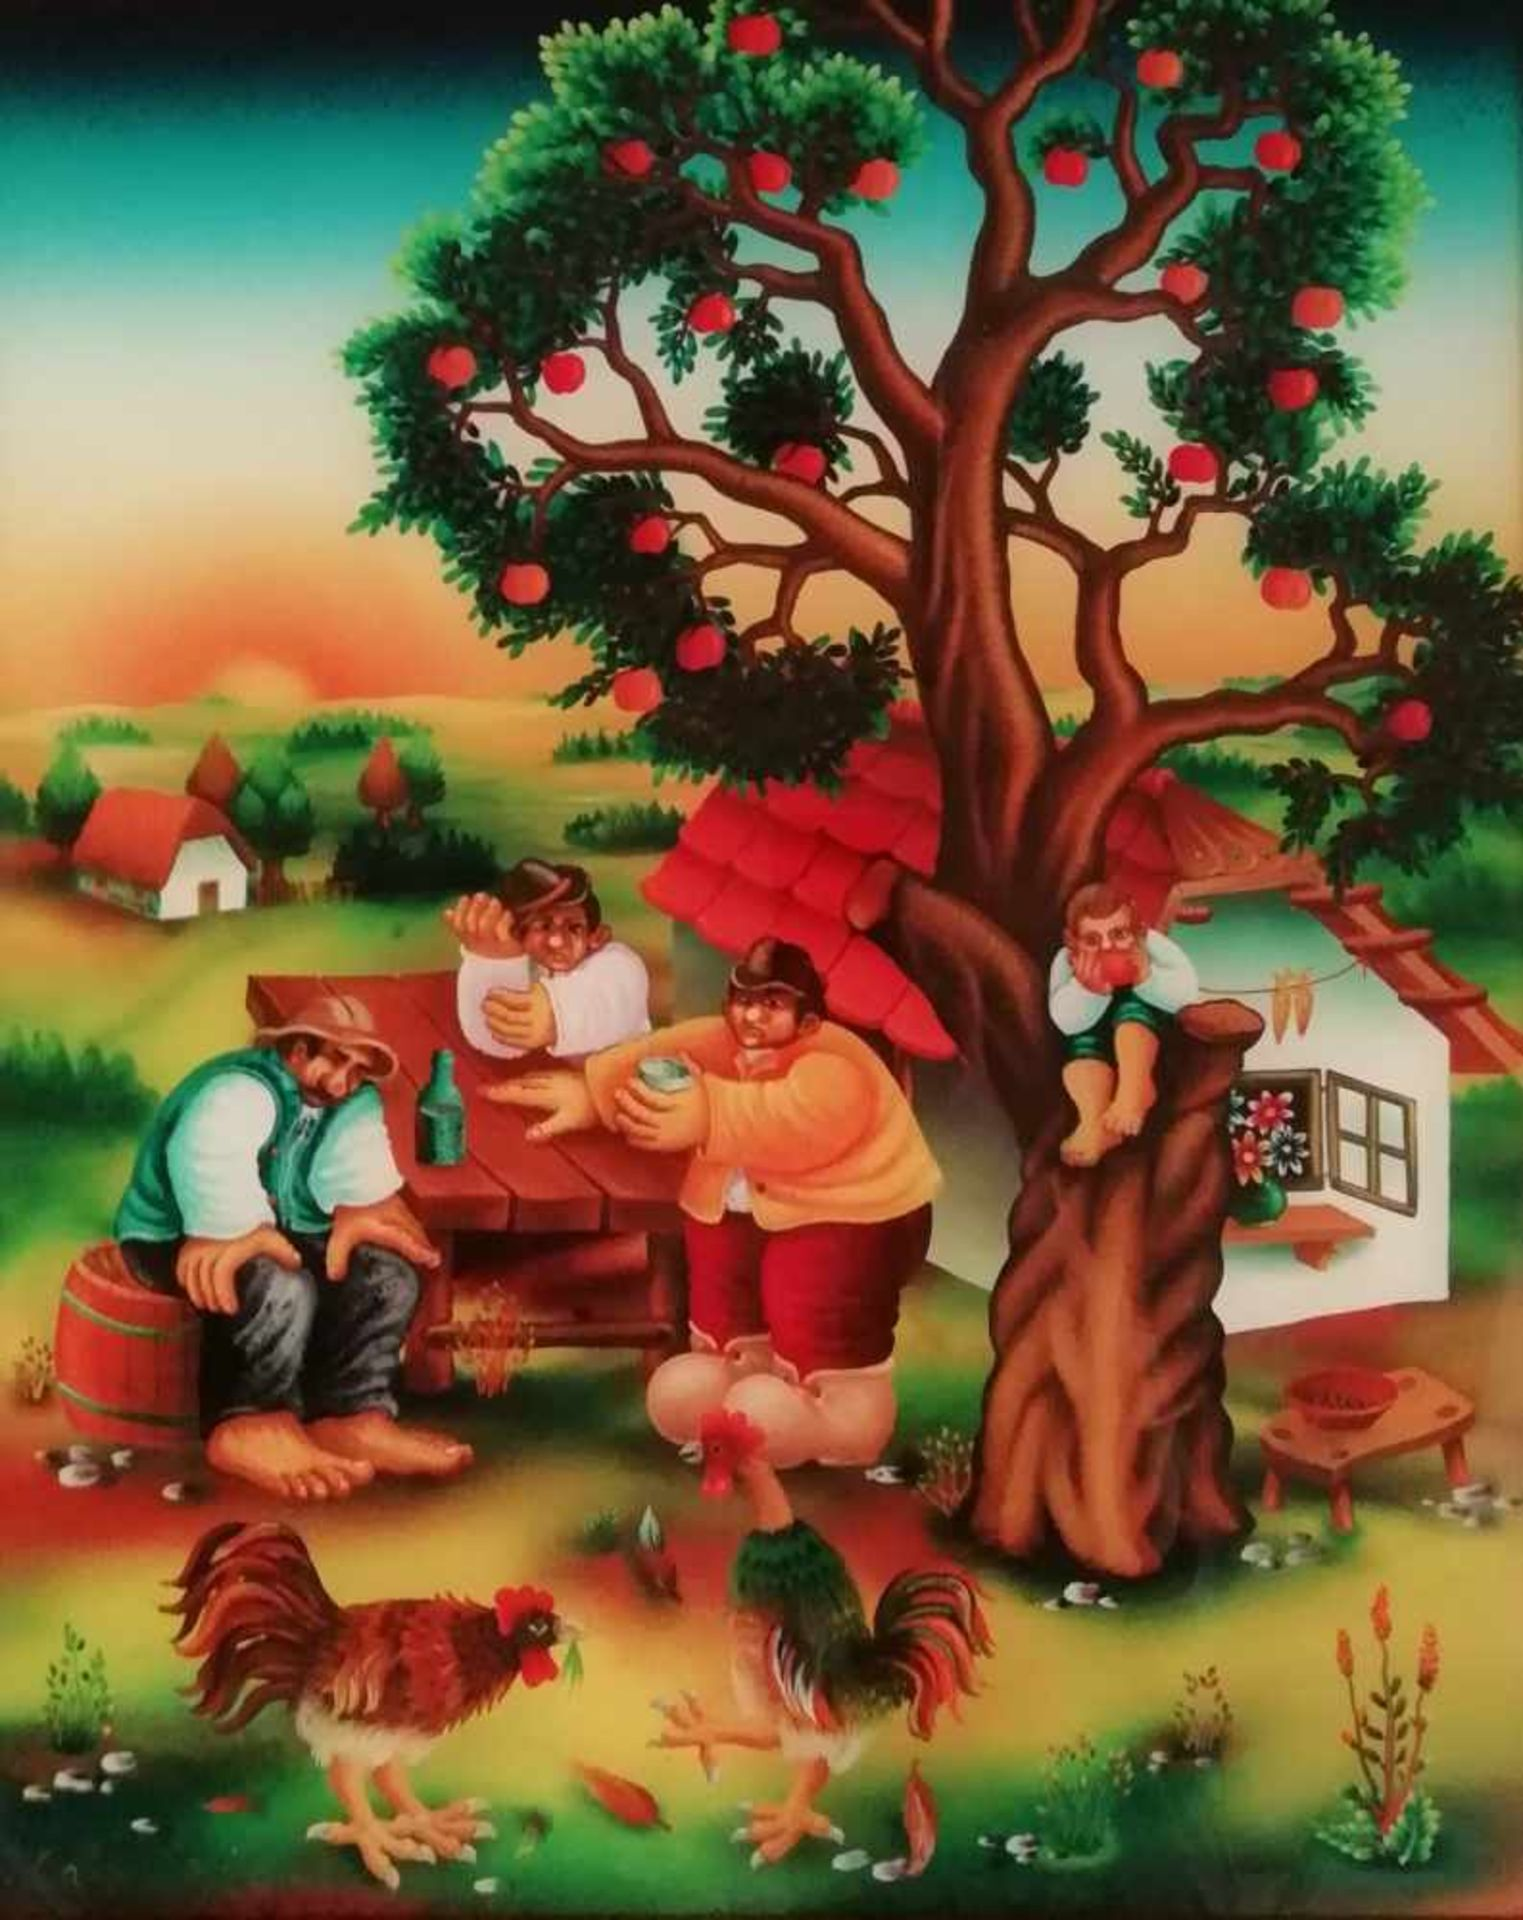 Los 1 - Künstler 20.Jh.Naive Malerei, Bäuerliche Szene, Hinterglasbild, signiert Babes, 54x43,5 cm,